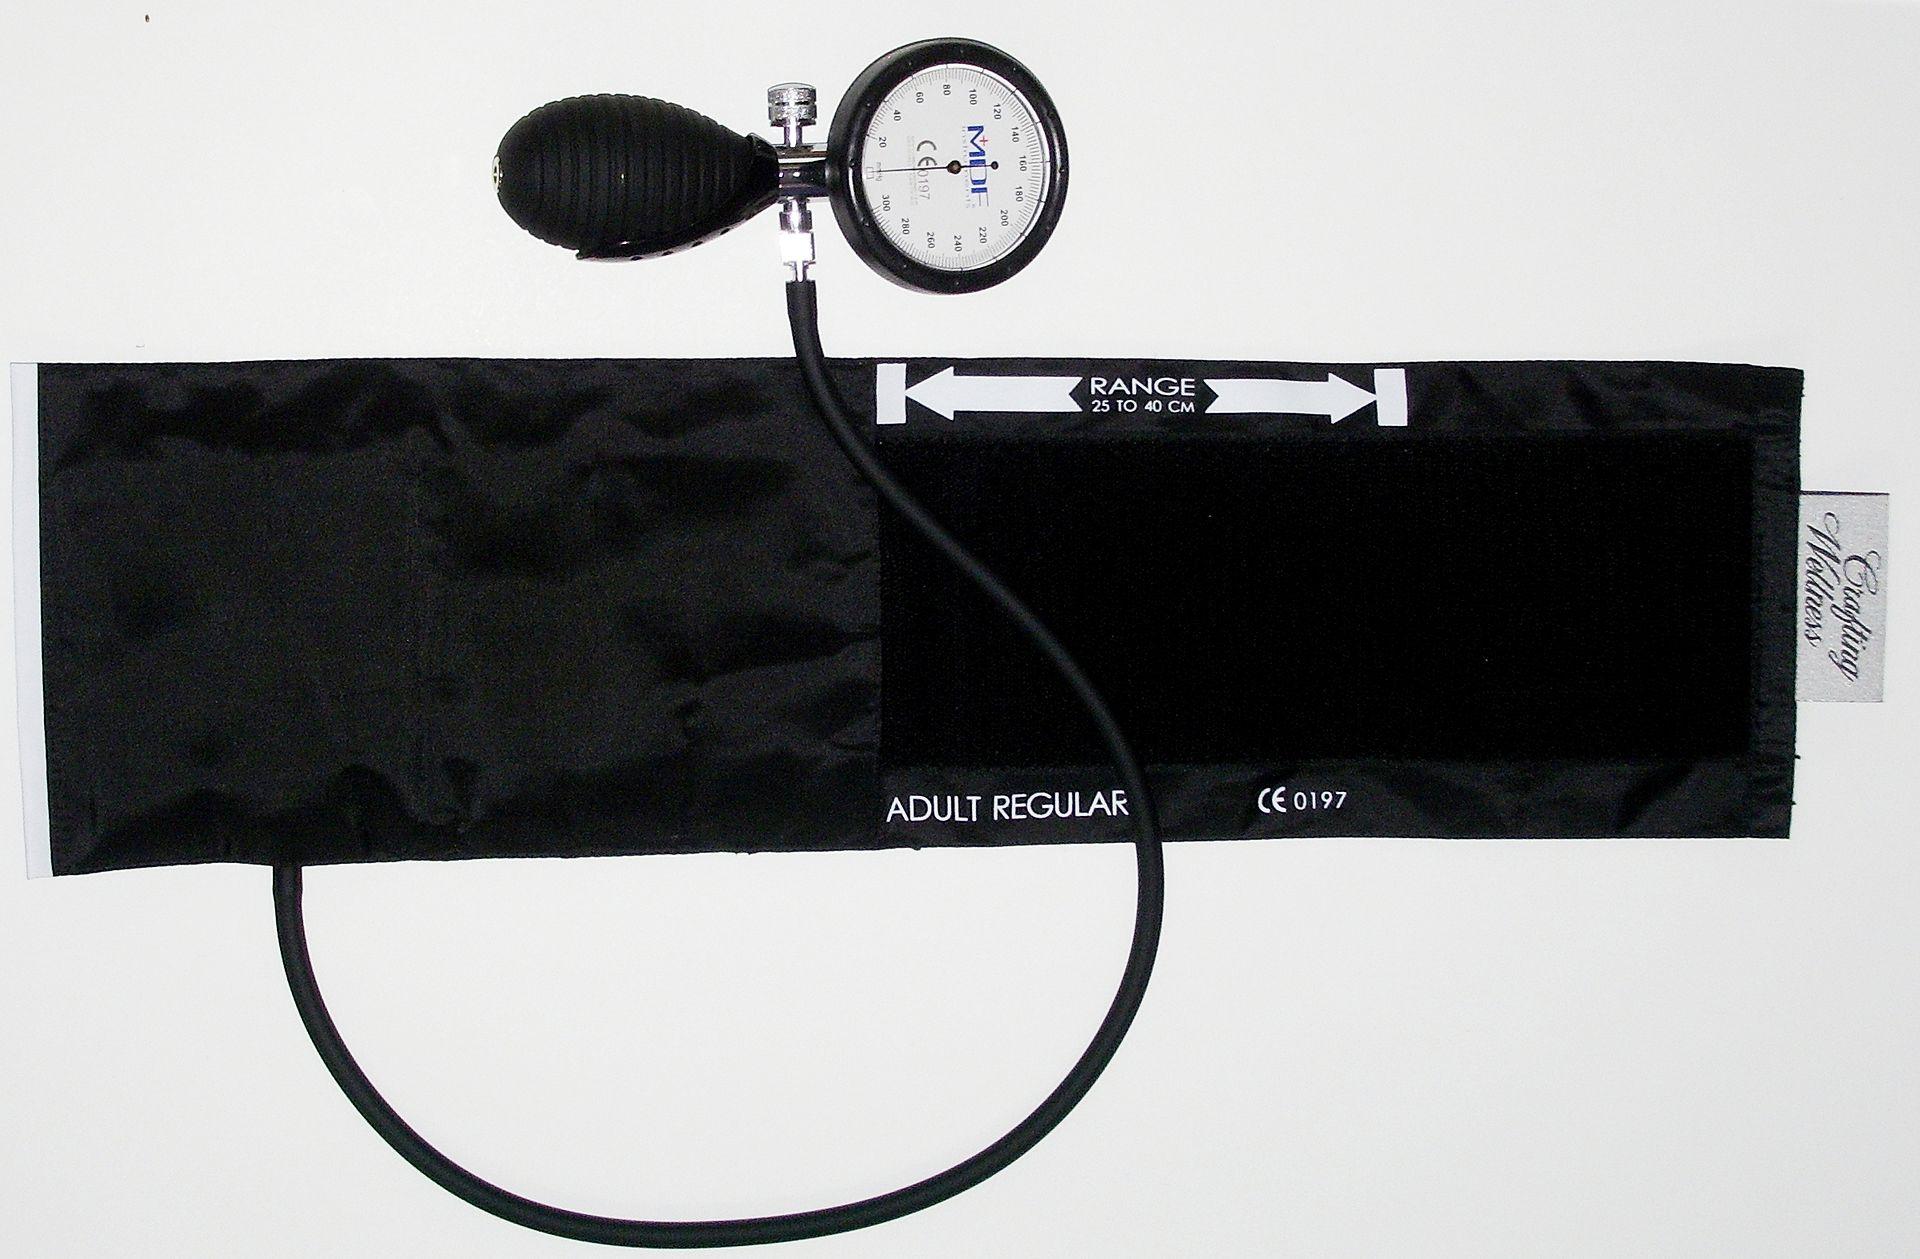 How Do Blood Pressure Monitors Work?